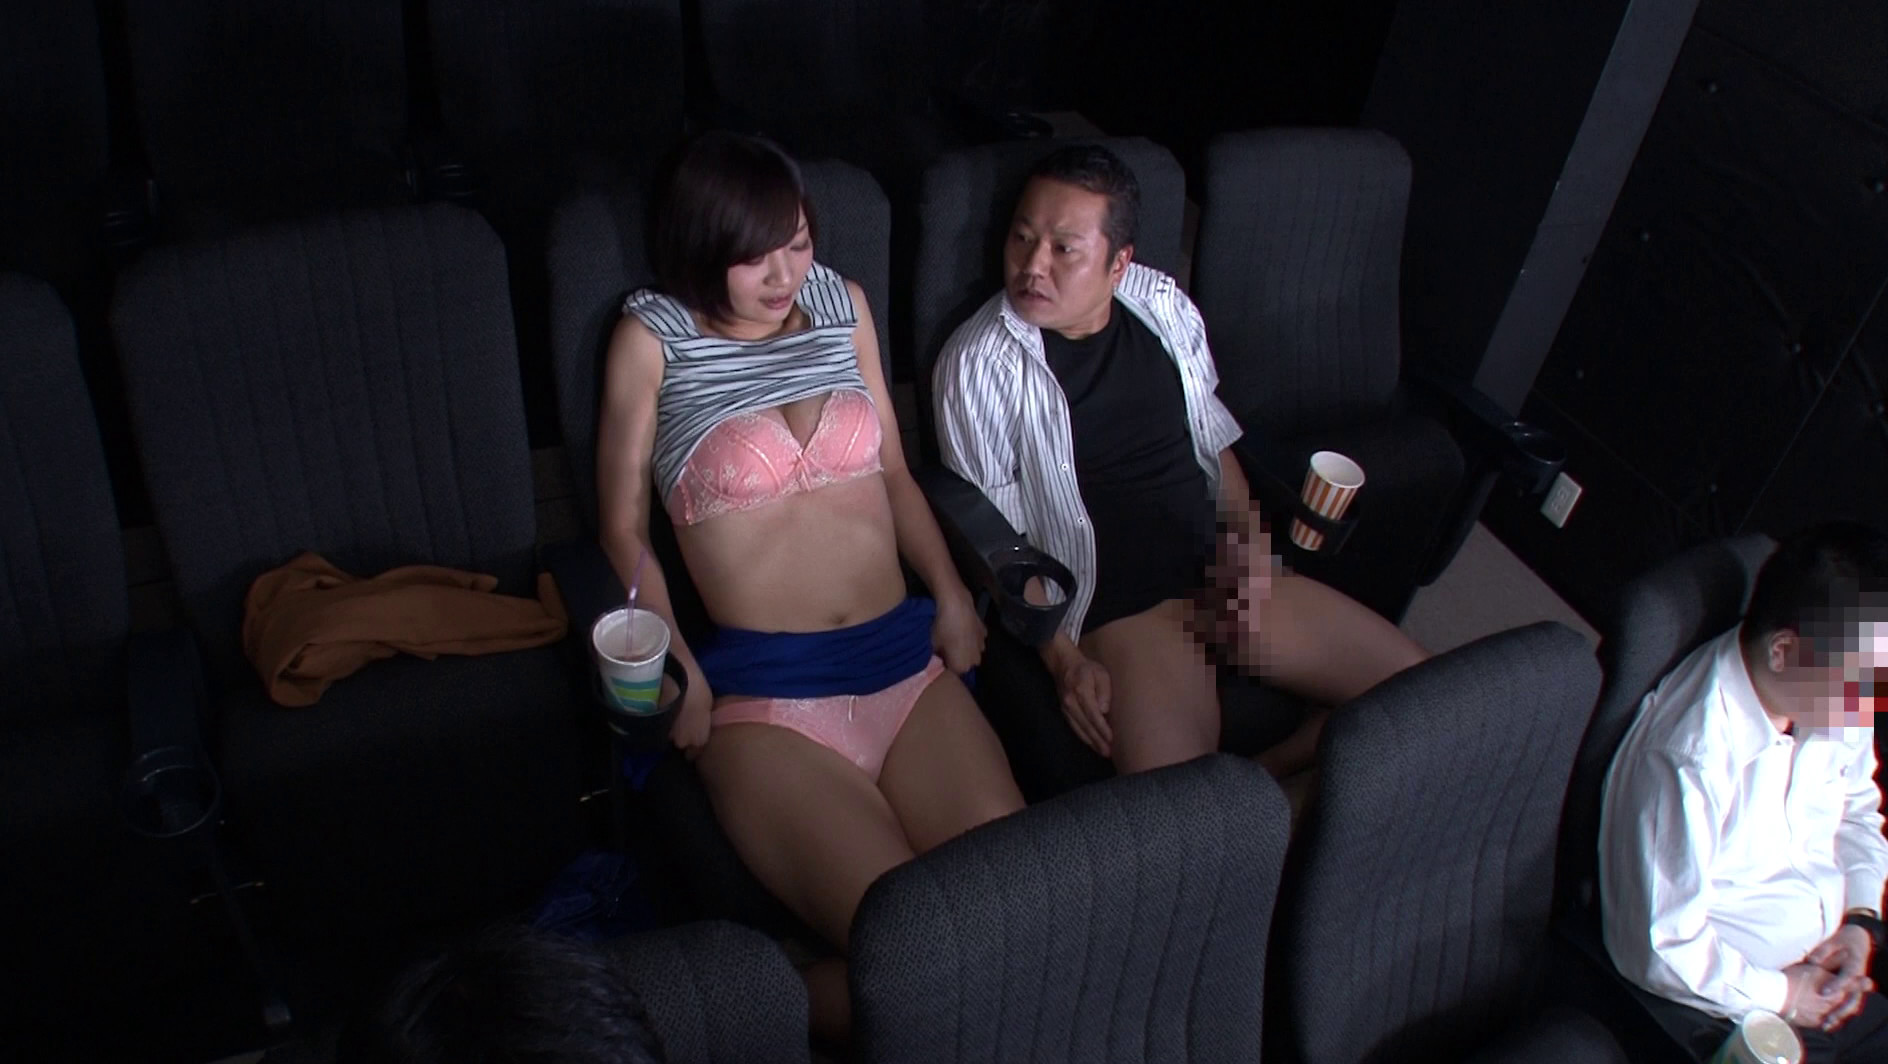 映画館のレイトショーは人が少なくて落ち着く・・・はずなのですが、突然僕の隣にミニスカートのソソる美女が座ってきた!!映画よりもスカートから覗く生足が気になって仕方がない!無言の誘惑に勃起した僕に気付いた美女が、微笑みながら手を伸ばしてきて・・・まさか館内でこっそりヌイてくれた!!それどころかハメさせてくれた!? 画像21